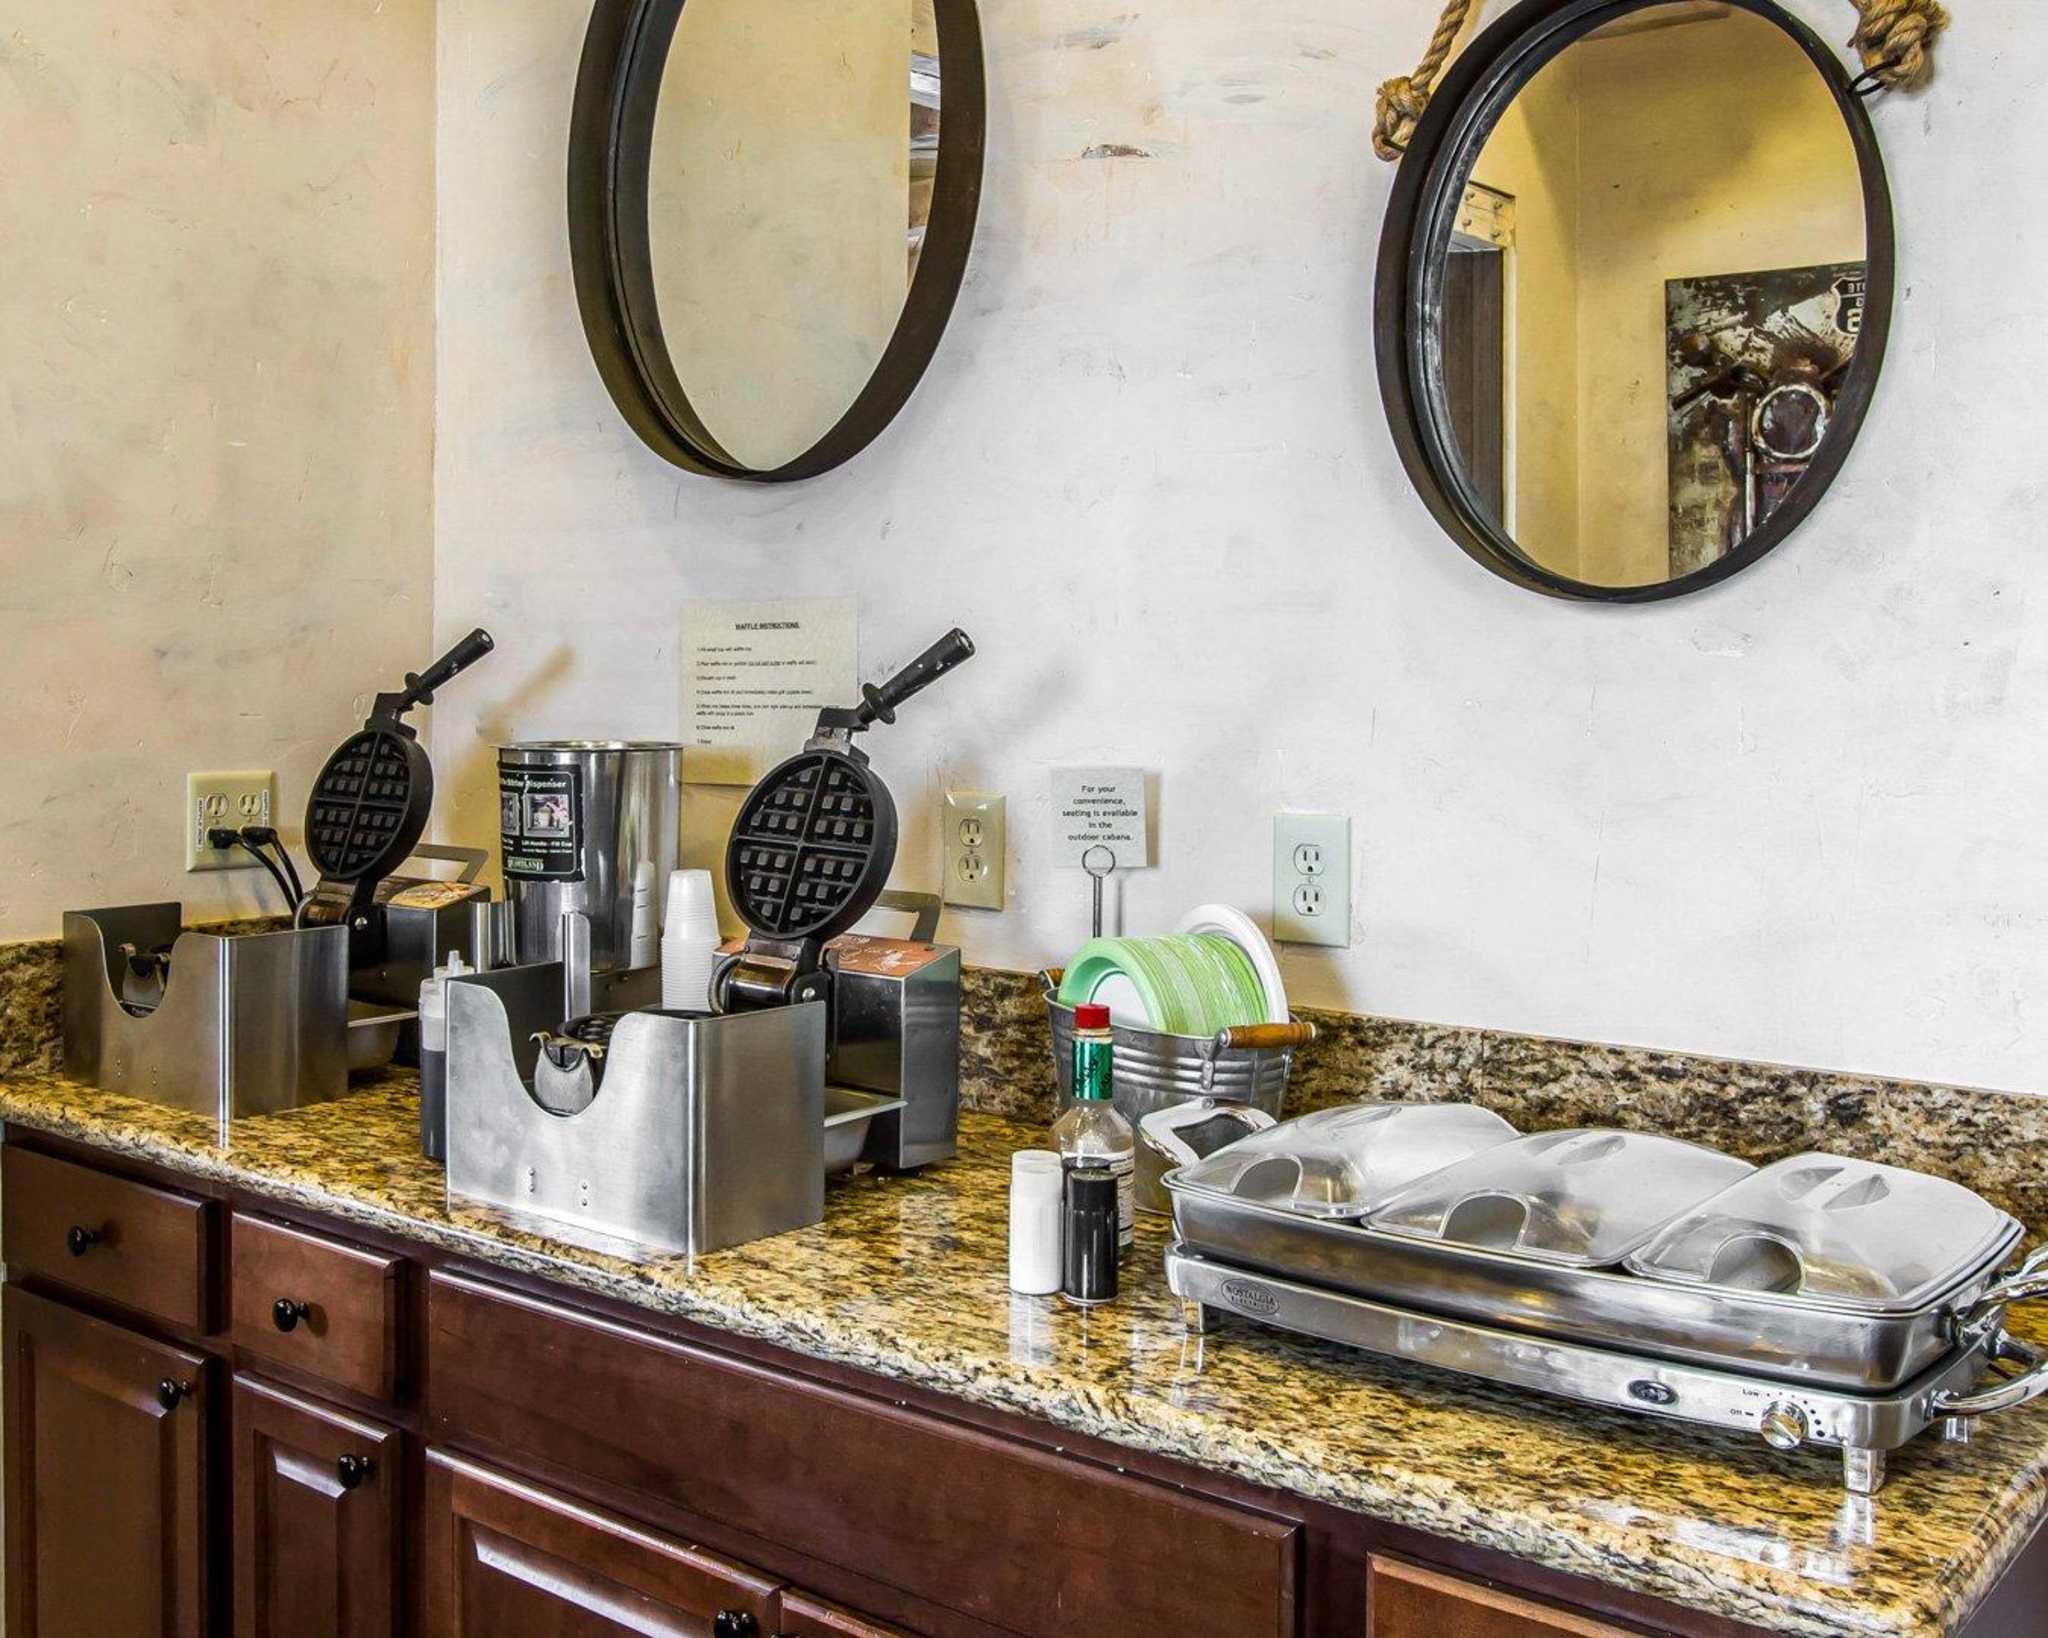 Rodeway Inn & Suites Downtowner-Rte 66 image 20